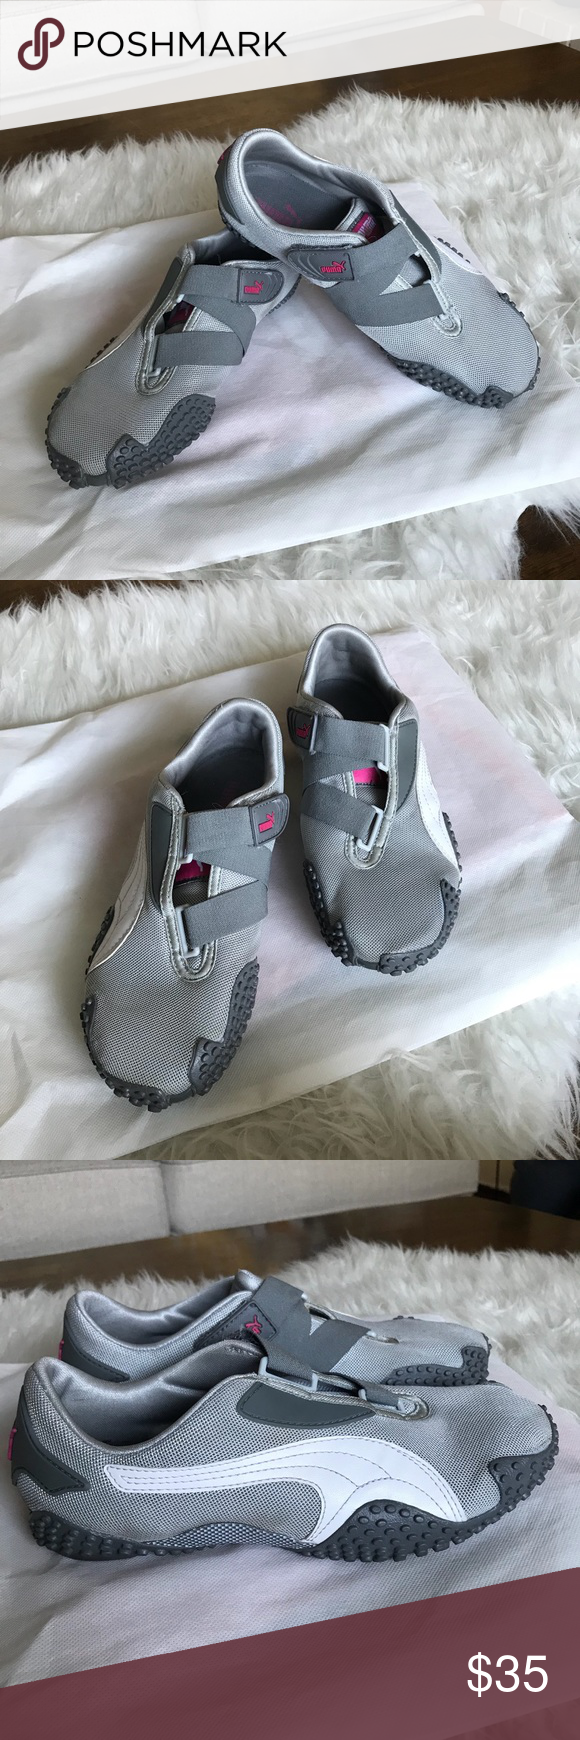 Puma Mostro Gray/White Velcro Closure